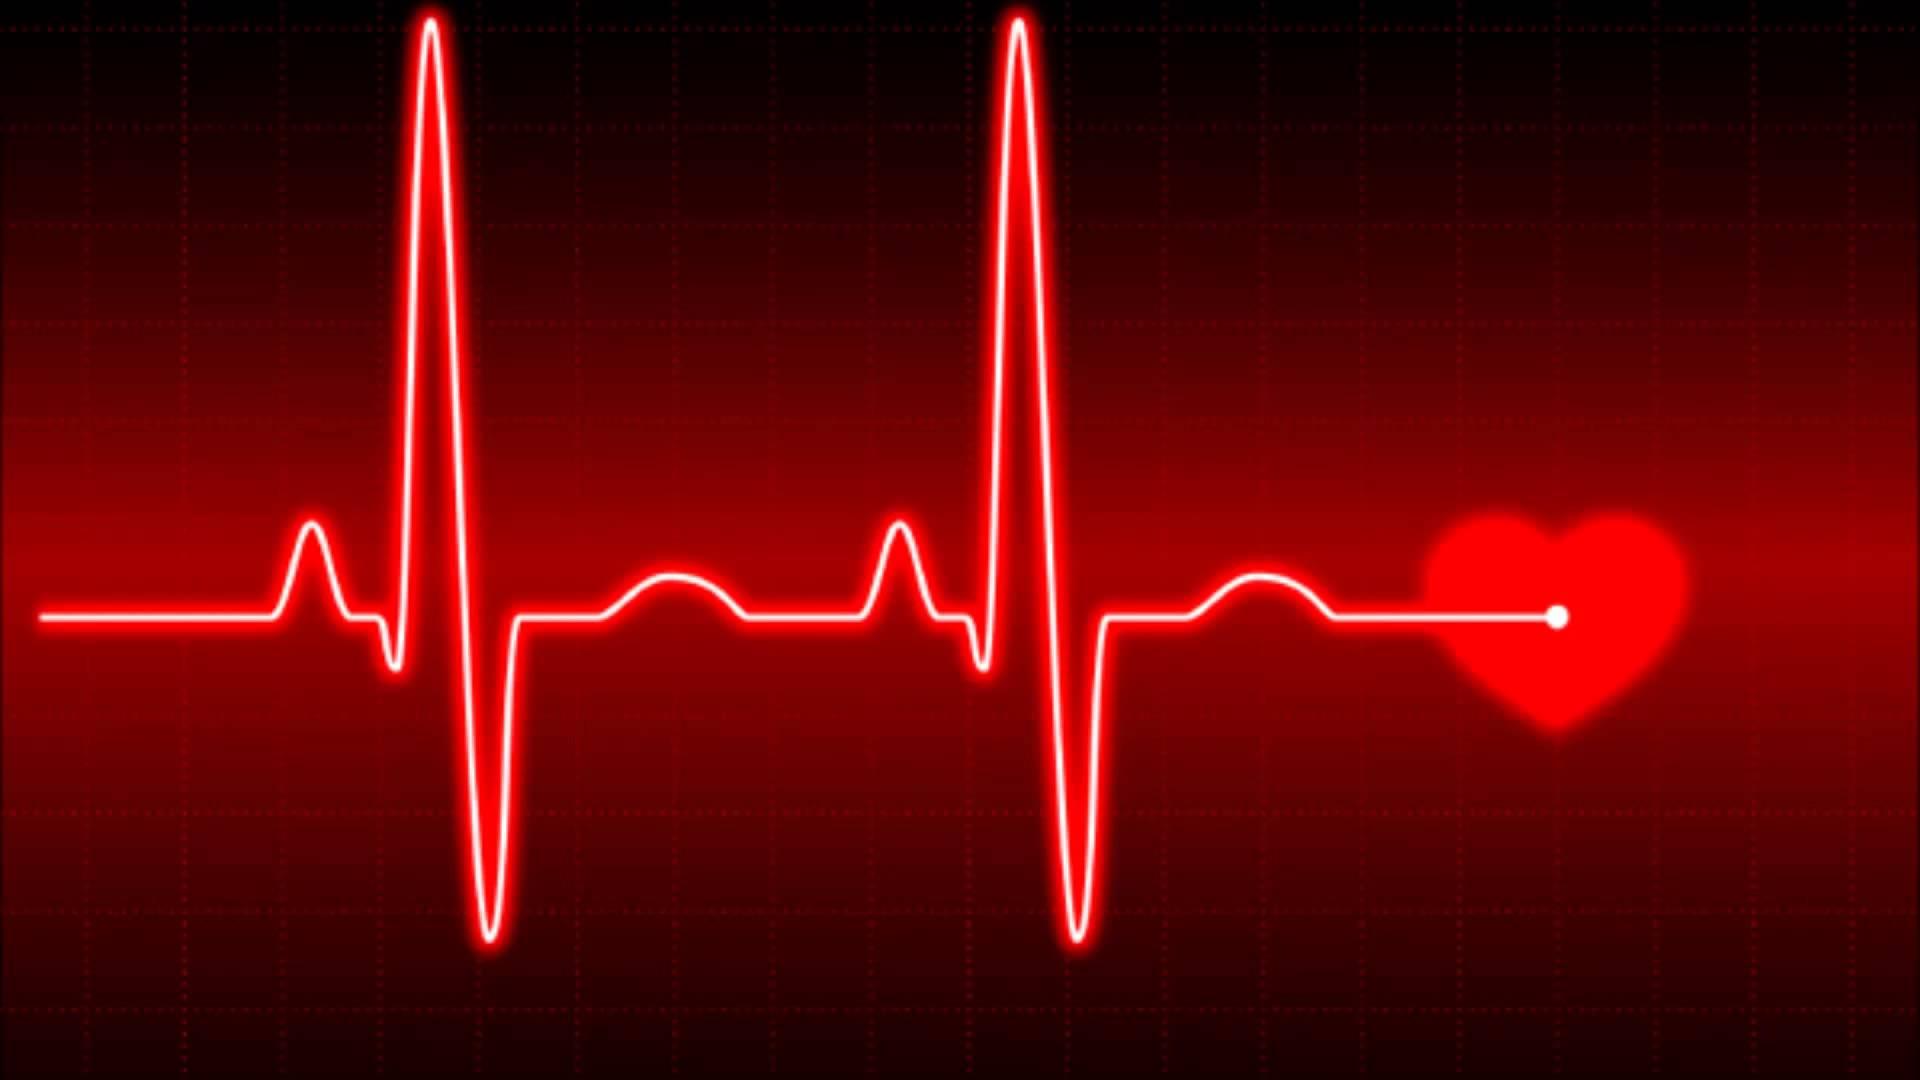 ارتباط چاقی و دیابت در میانسالی با افزایش خطر نارسایی قلبی